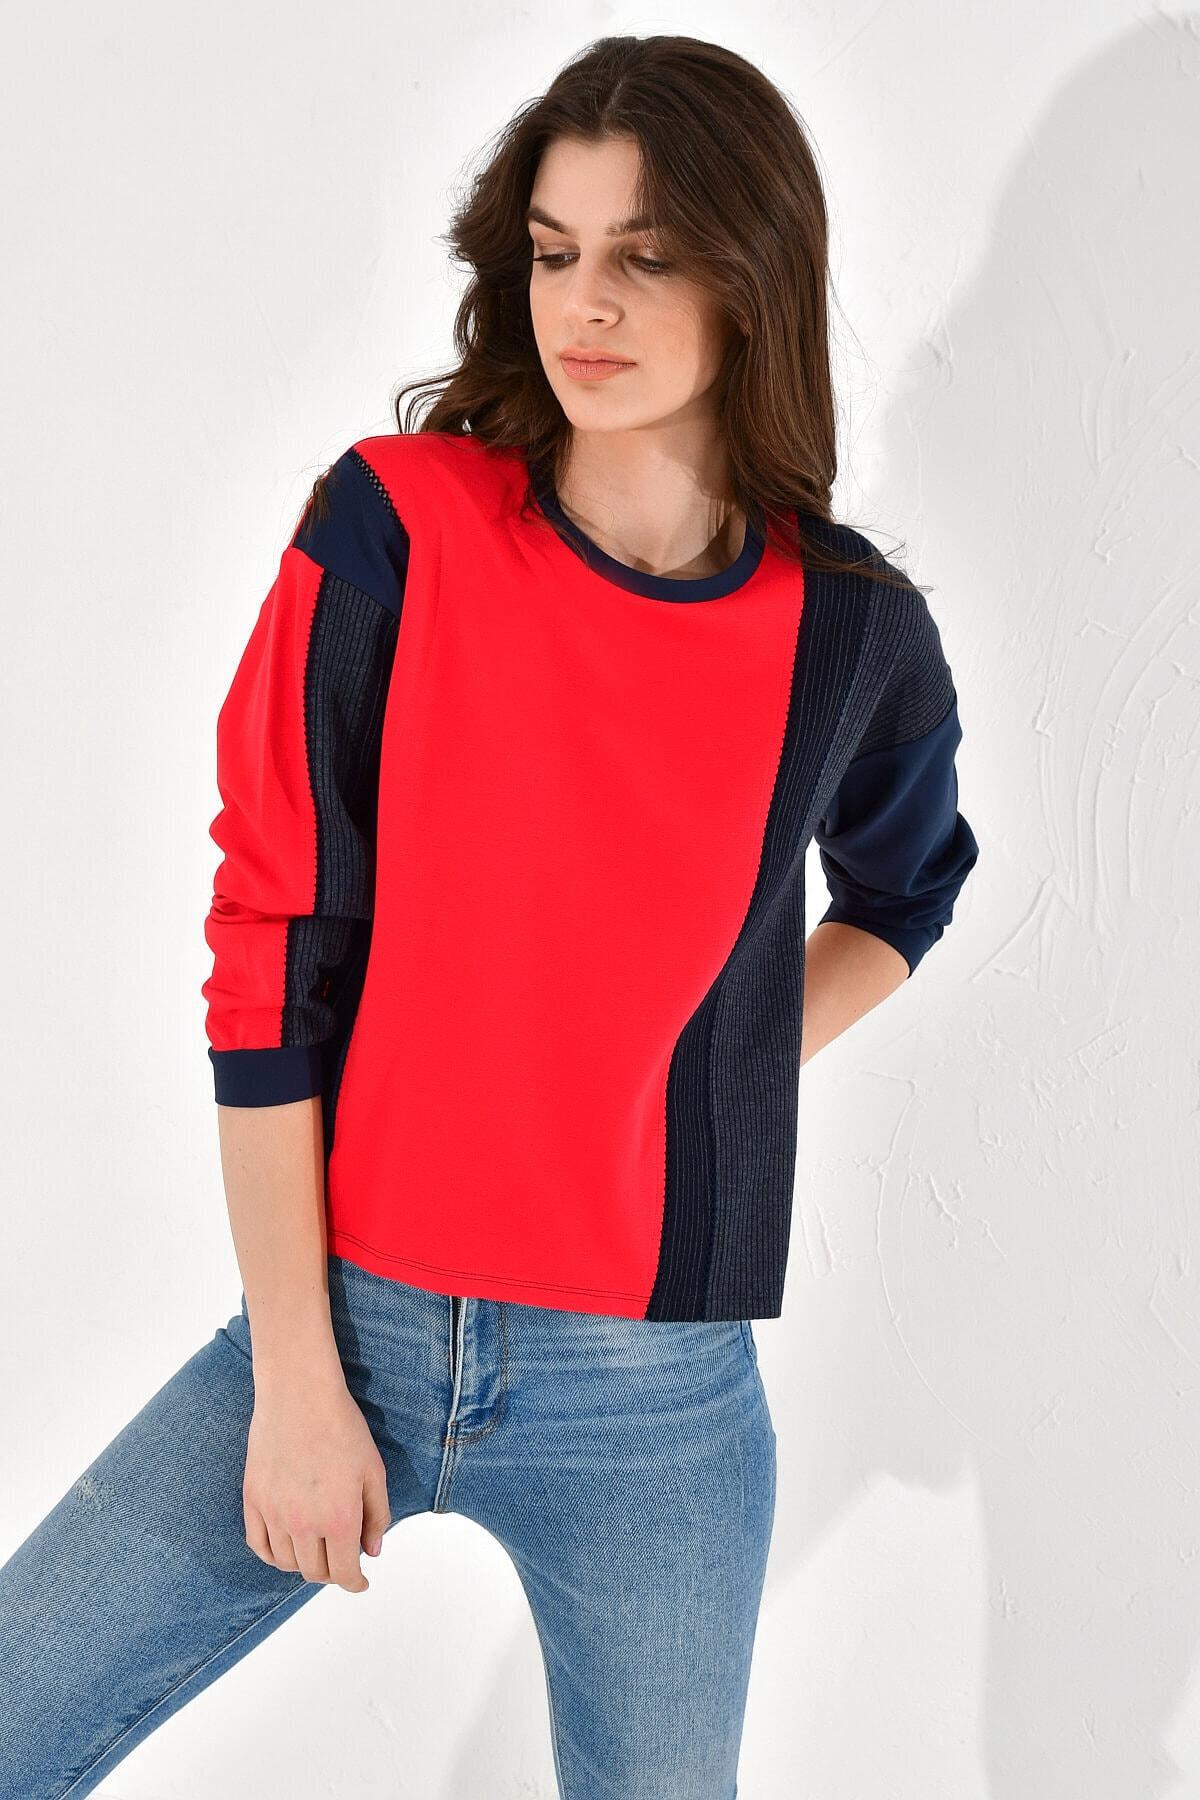 Hanna's by Hanna Darsa Kadın Çizgili Ve Düz Renk Bloklu Sweatshirt 1